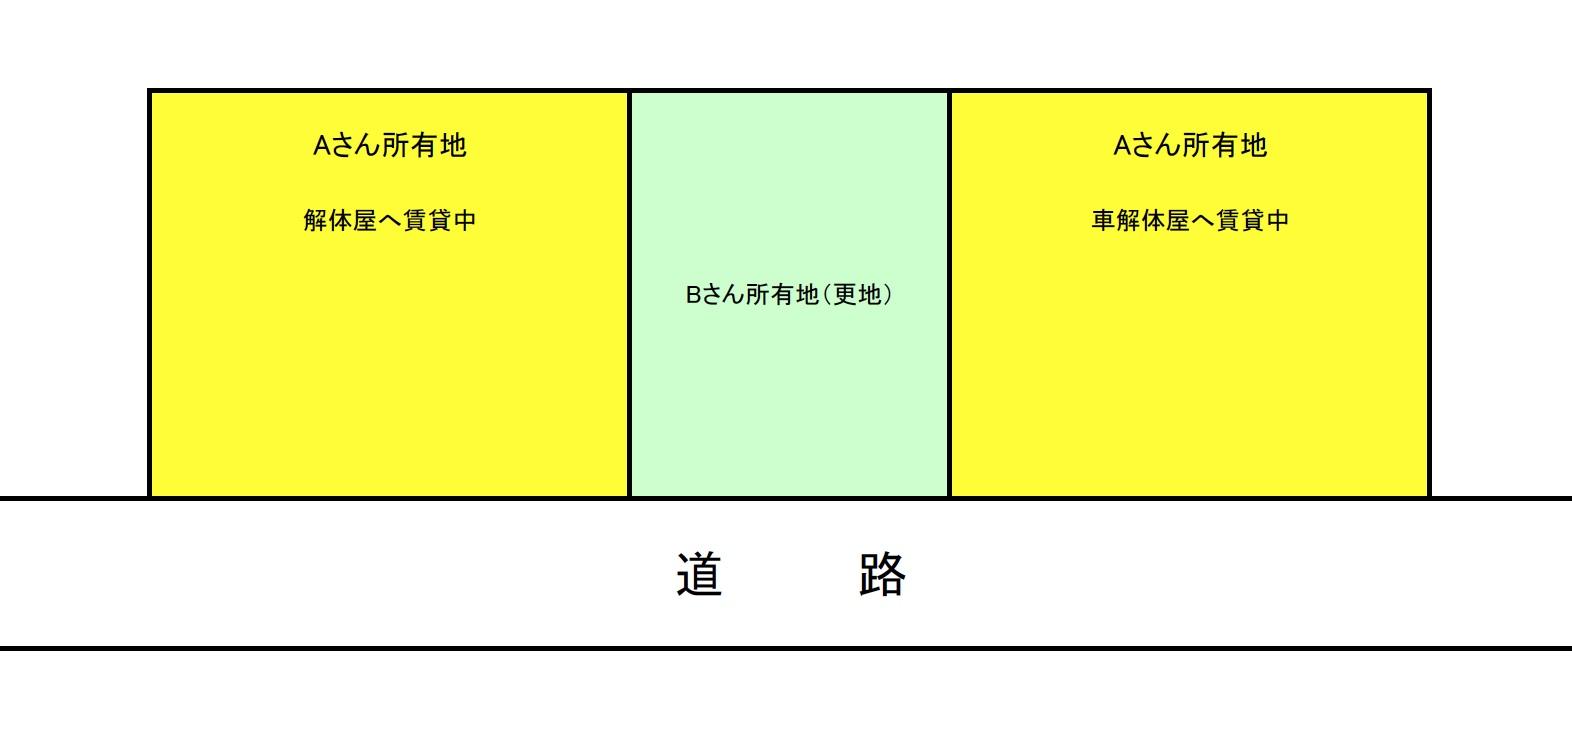 スクリーンショット 2014-09-16 5.55.09